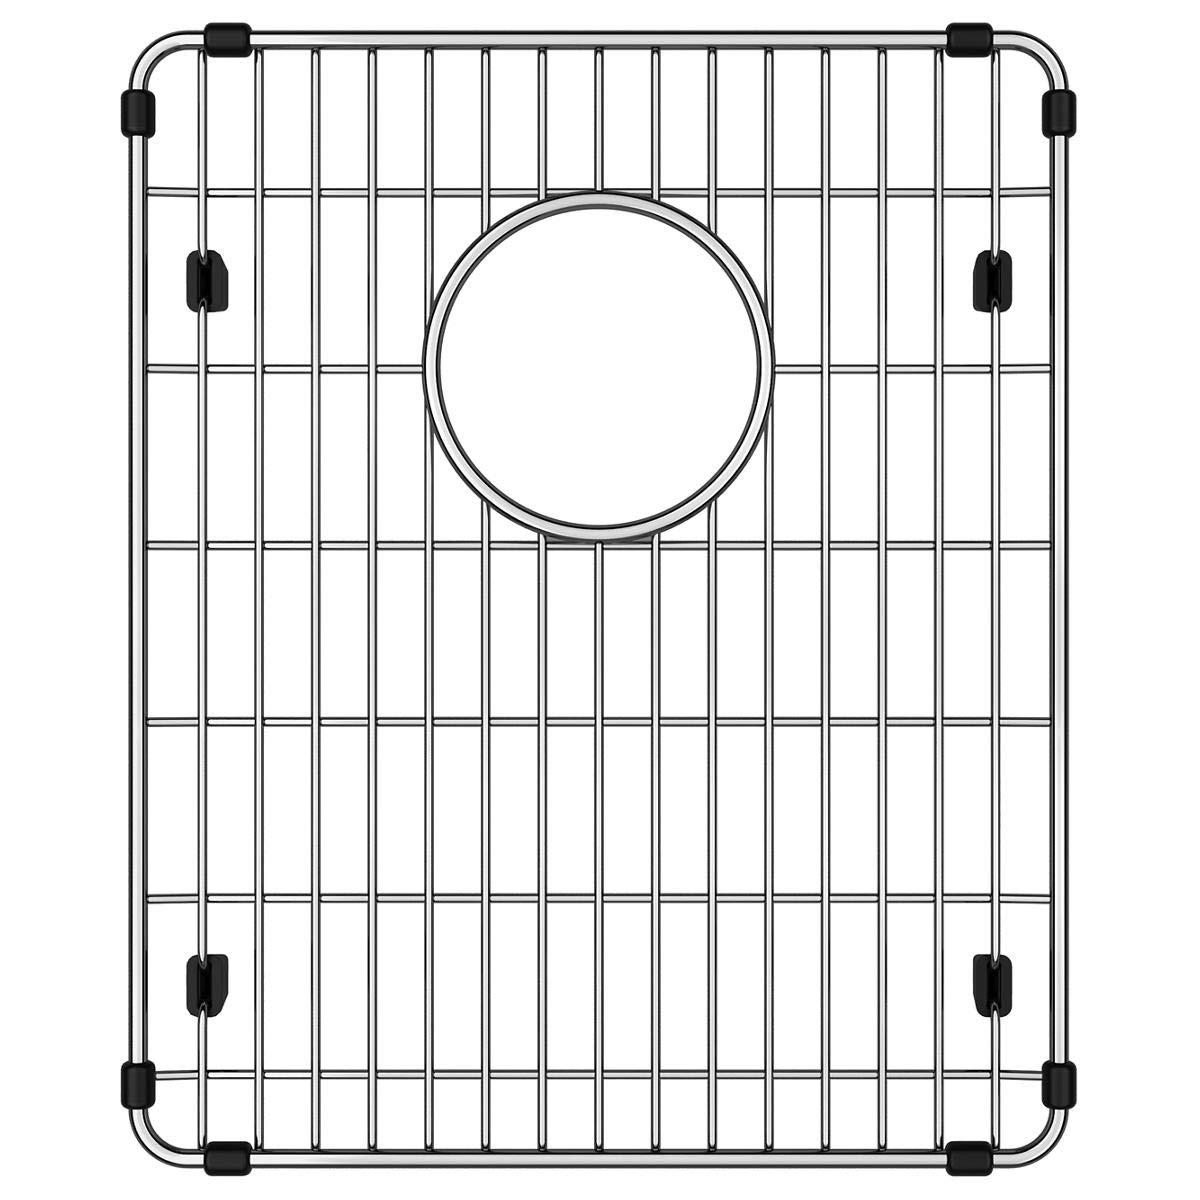 Elkay EBG1214 Stainless Steel Bottom Grid